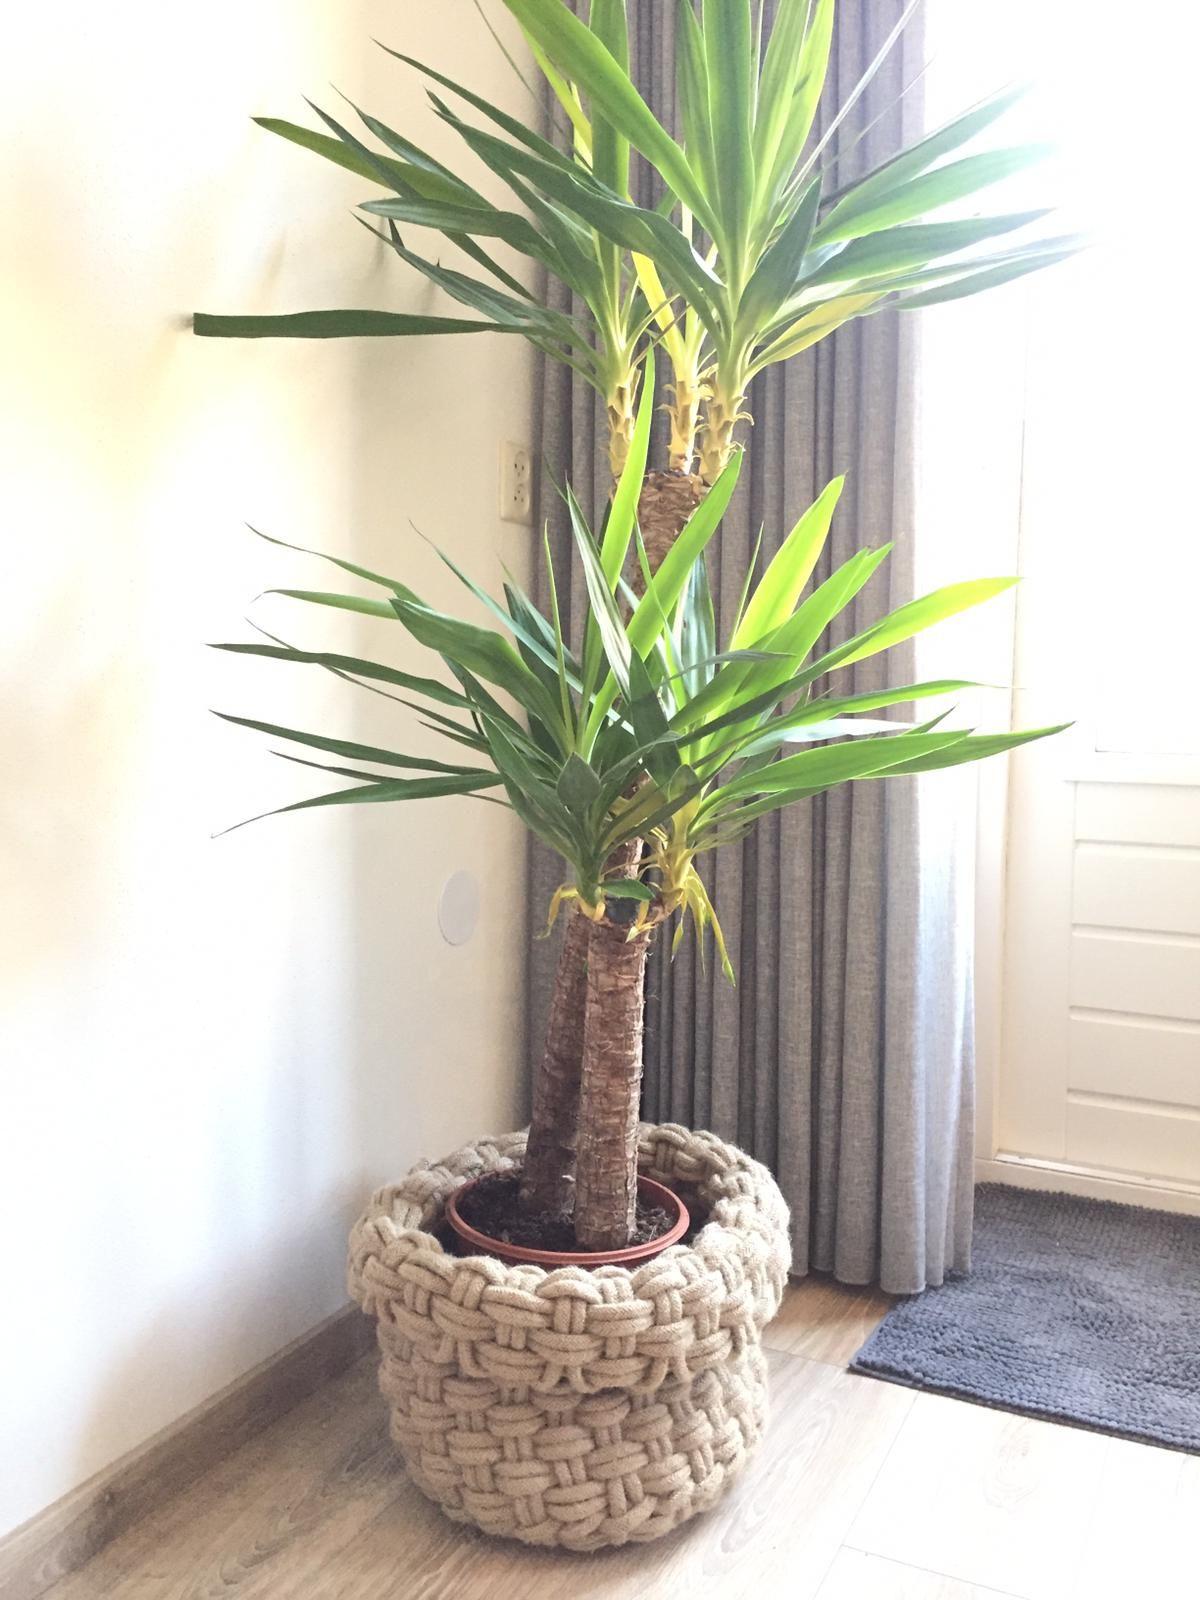 Best botanical trend homeware picks Large indoor plants